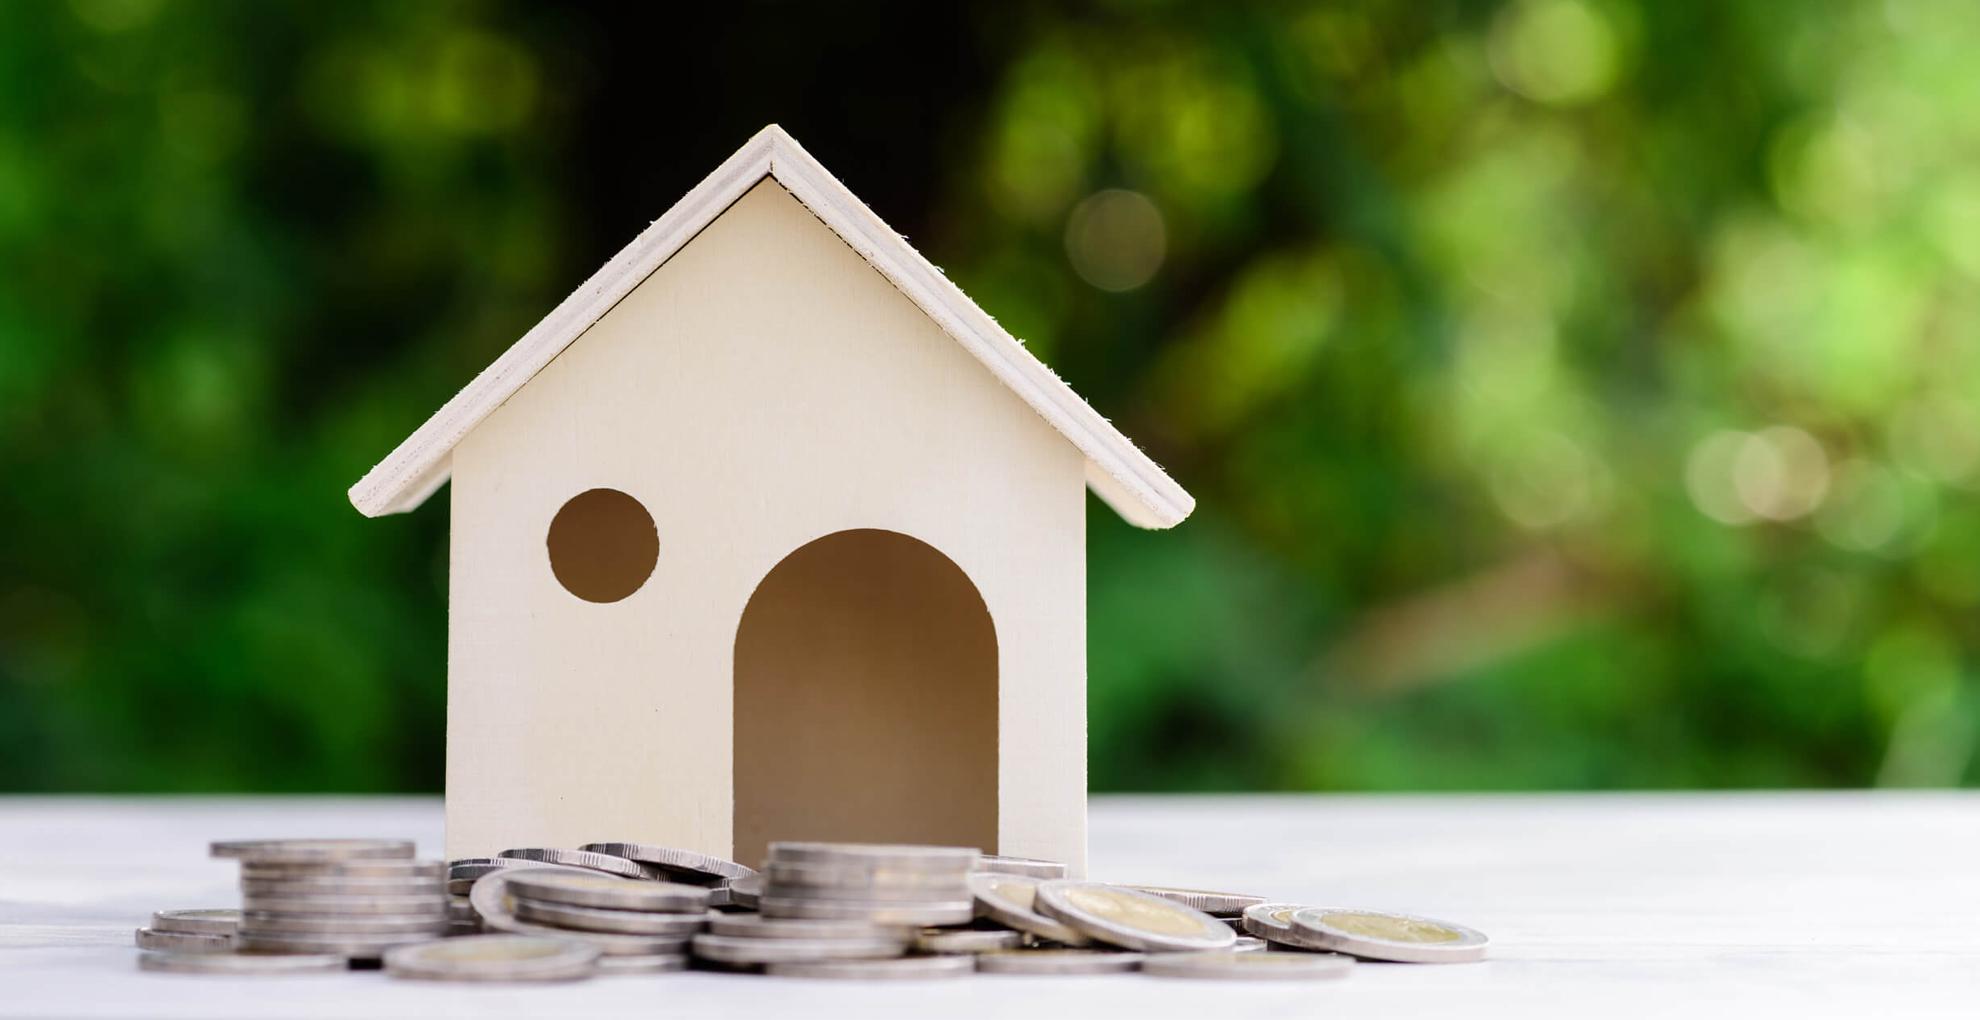 Agevolazioni fiscali per l acquisto della prima casa fino - Agevolazioni fiscali giardino 2017 ...